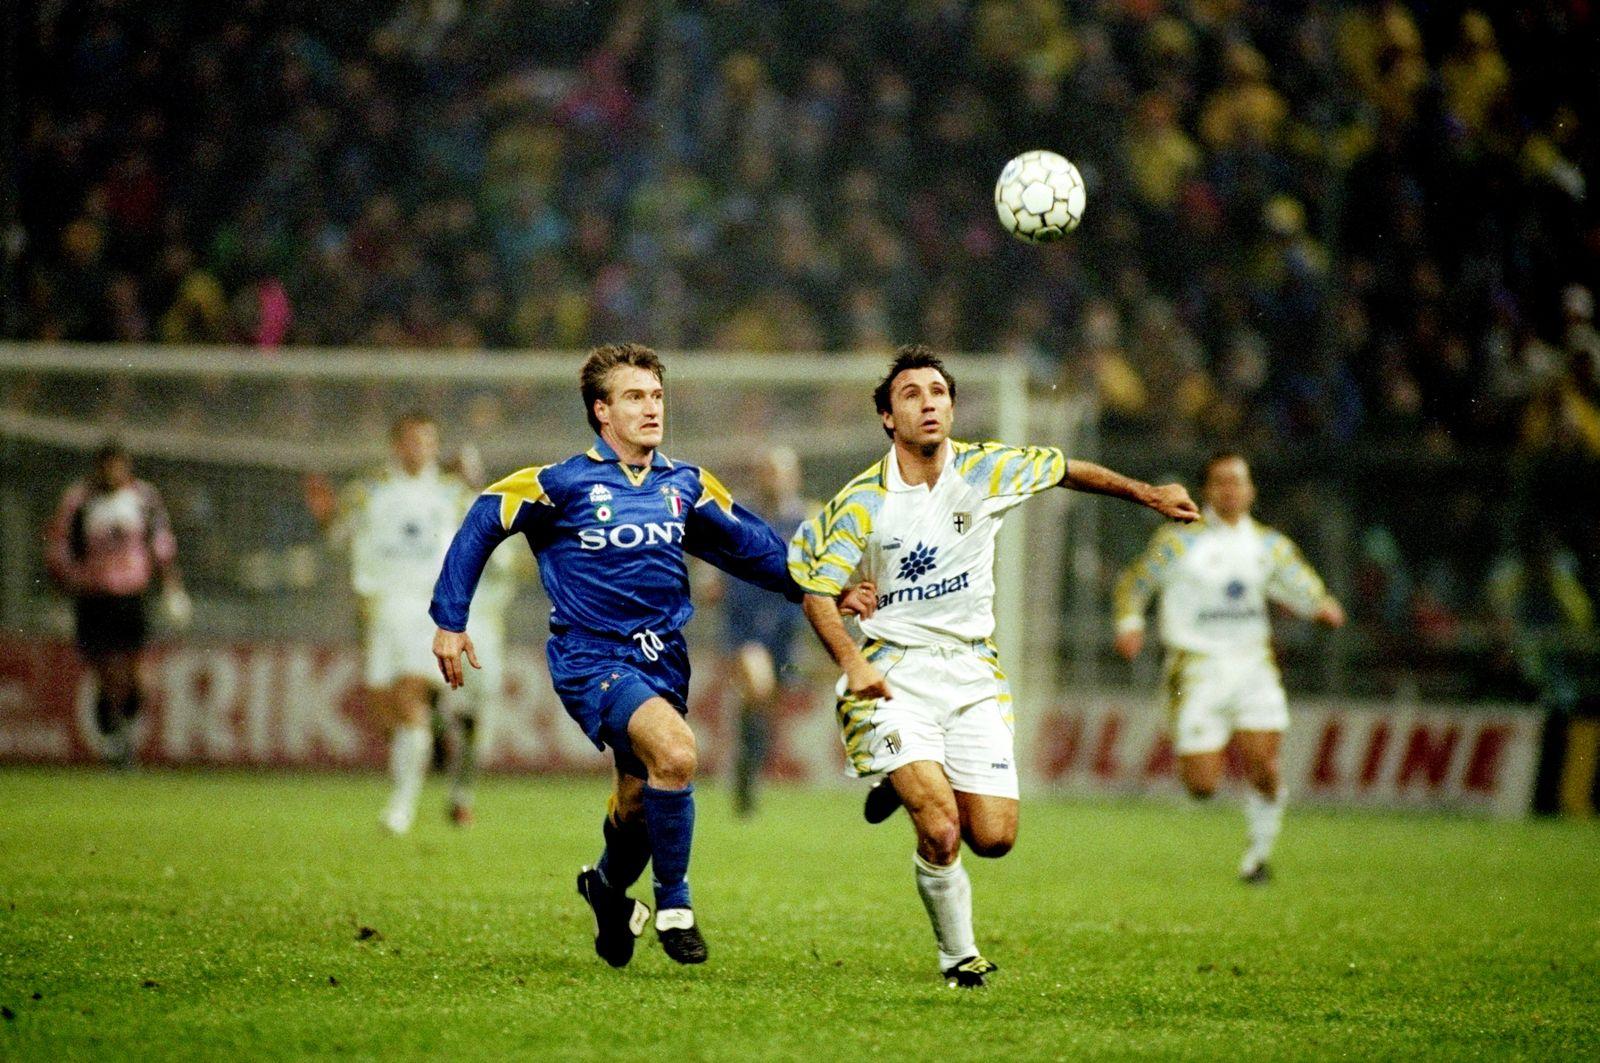 AC Parma/ FC Parma/ Christo Stoitschkow